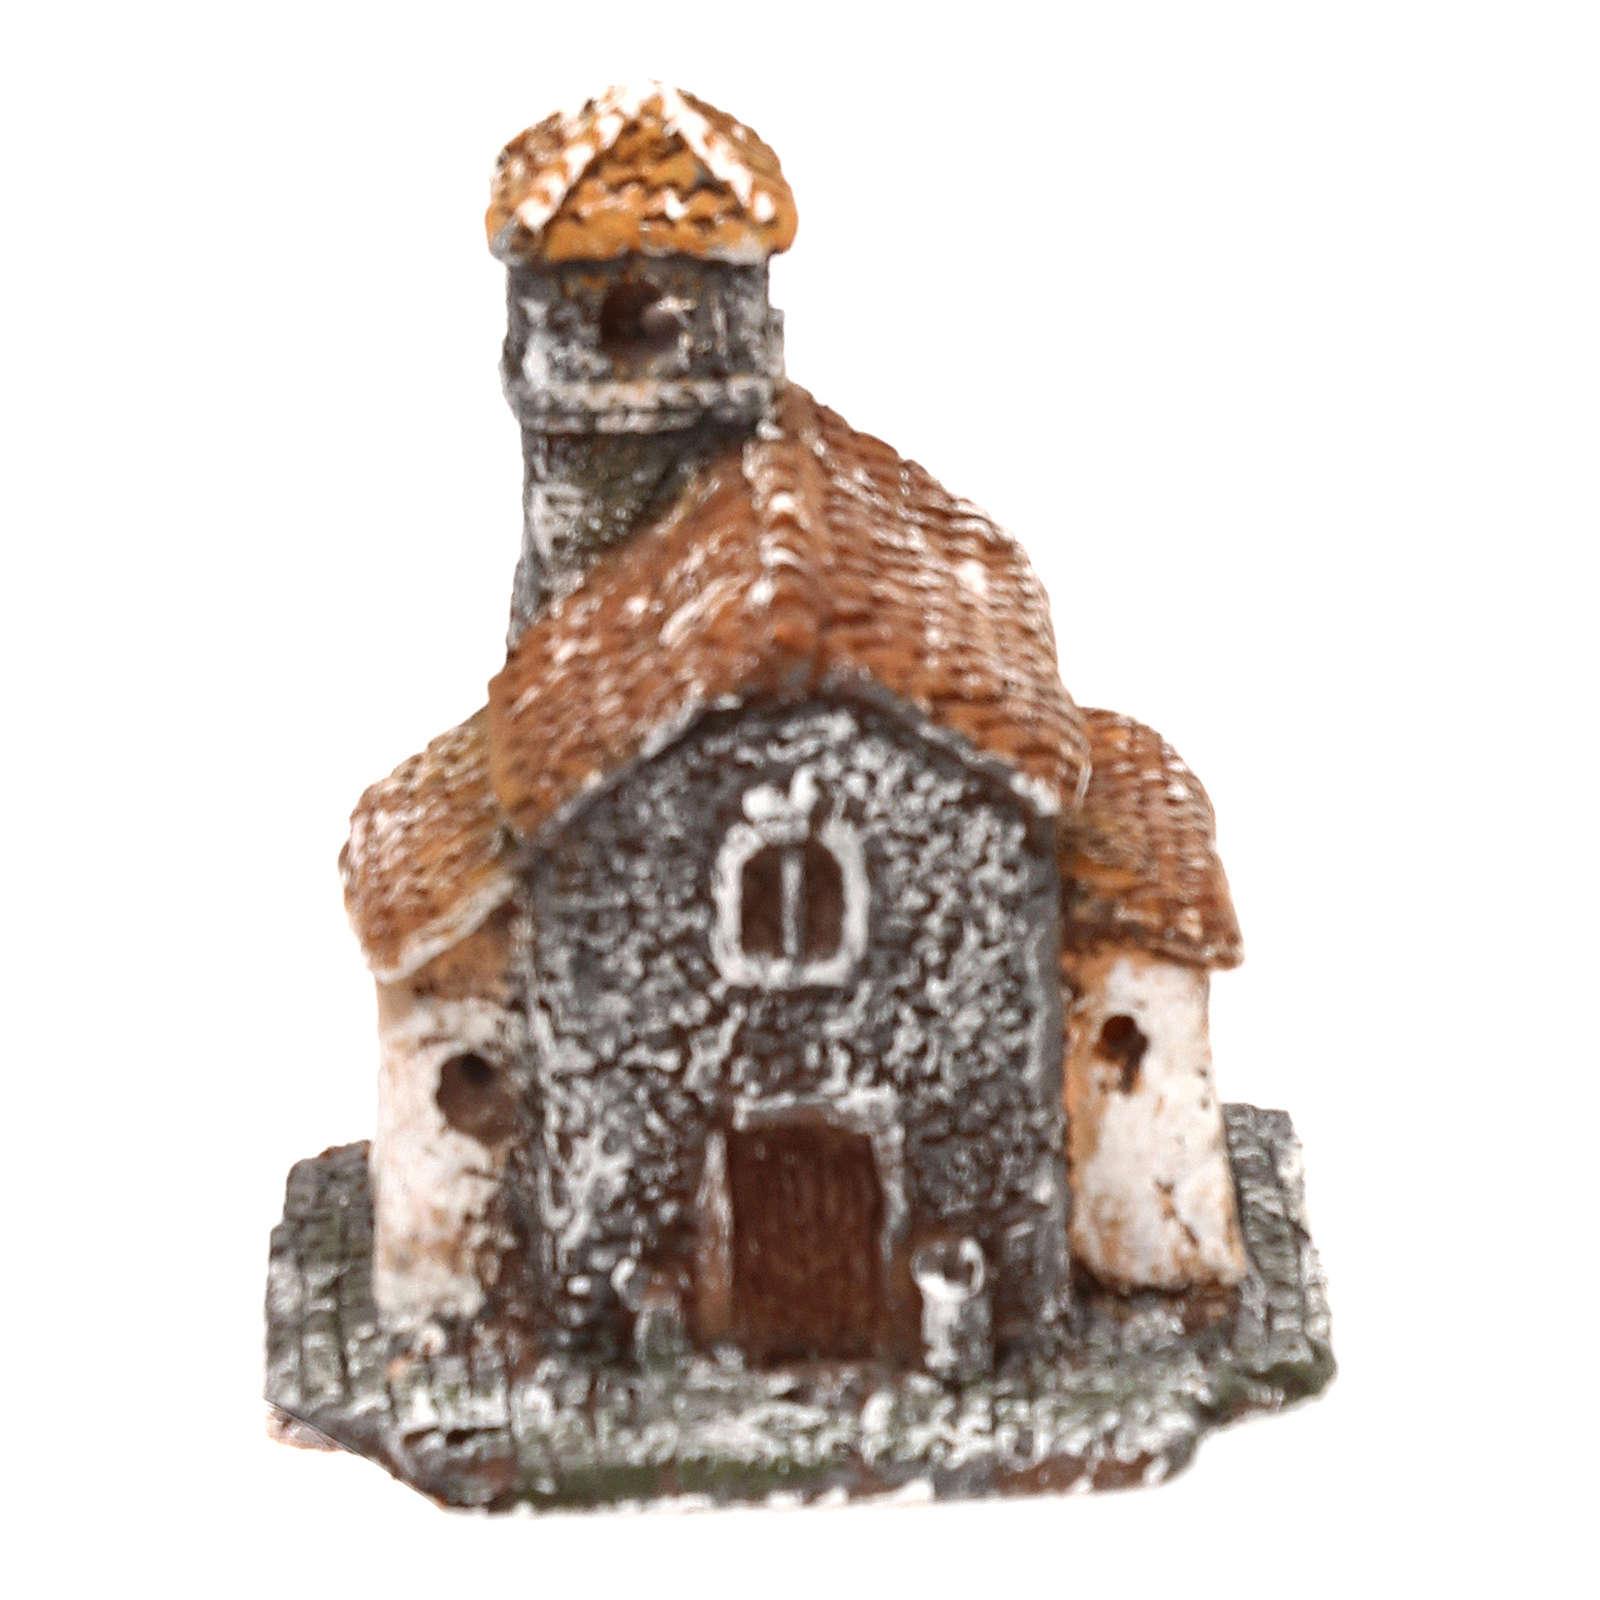 Casetta in resina con torre 5x5x5 cm presepe napoletano 3-4 cm 4